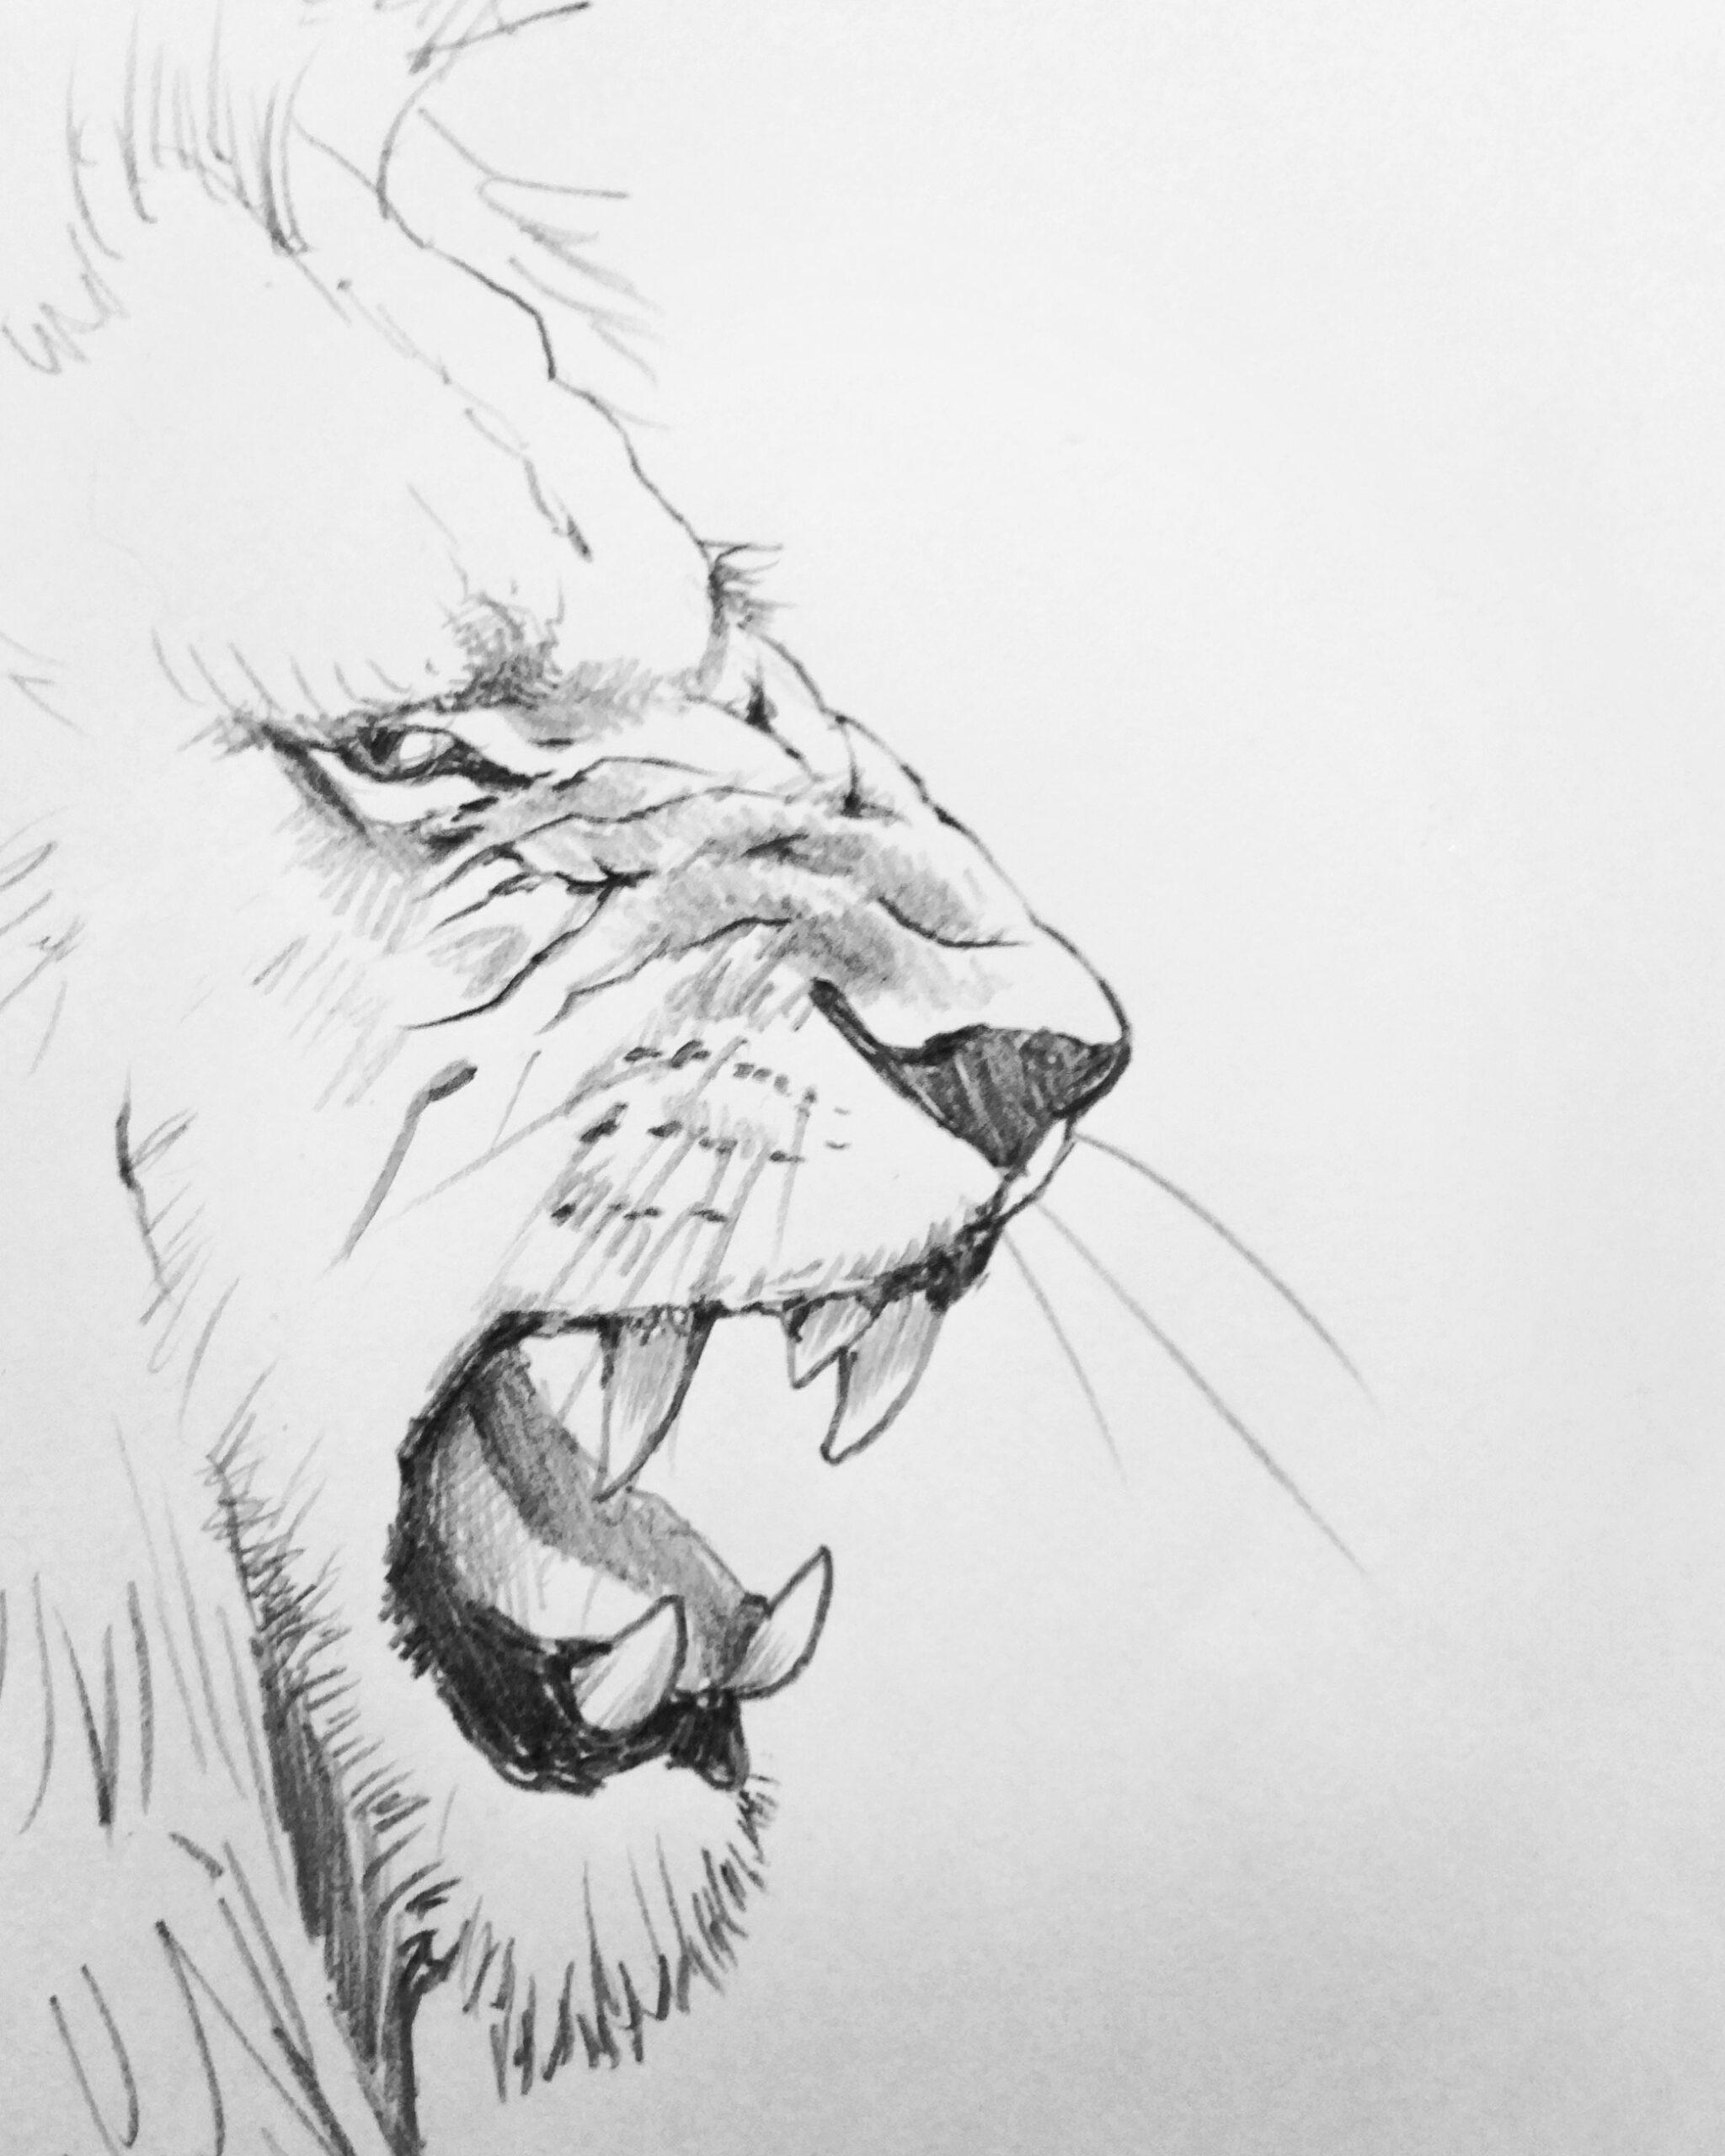 鉛筆画 動物画 デッサン 習作 絵画 絵 美術 アート